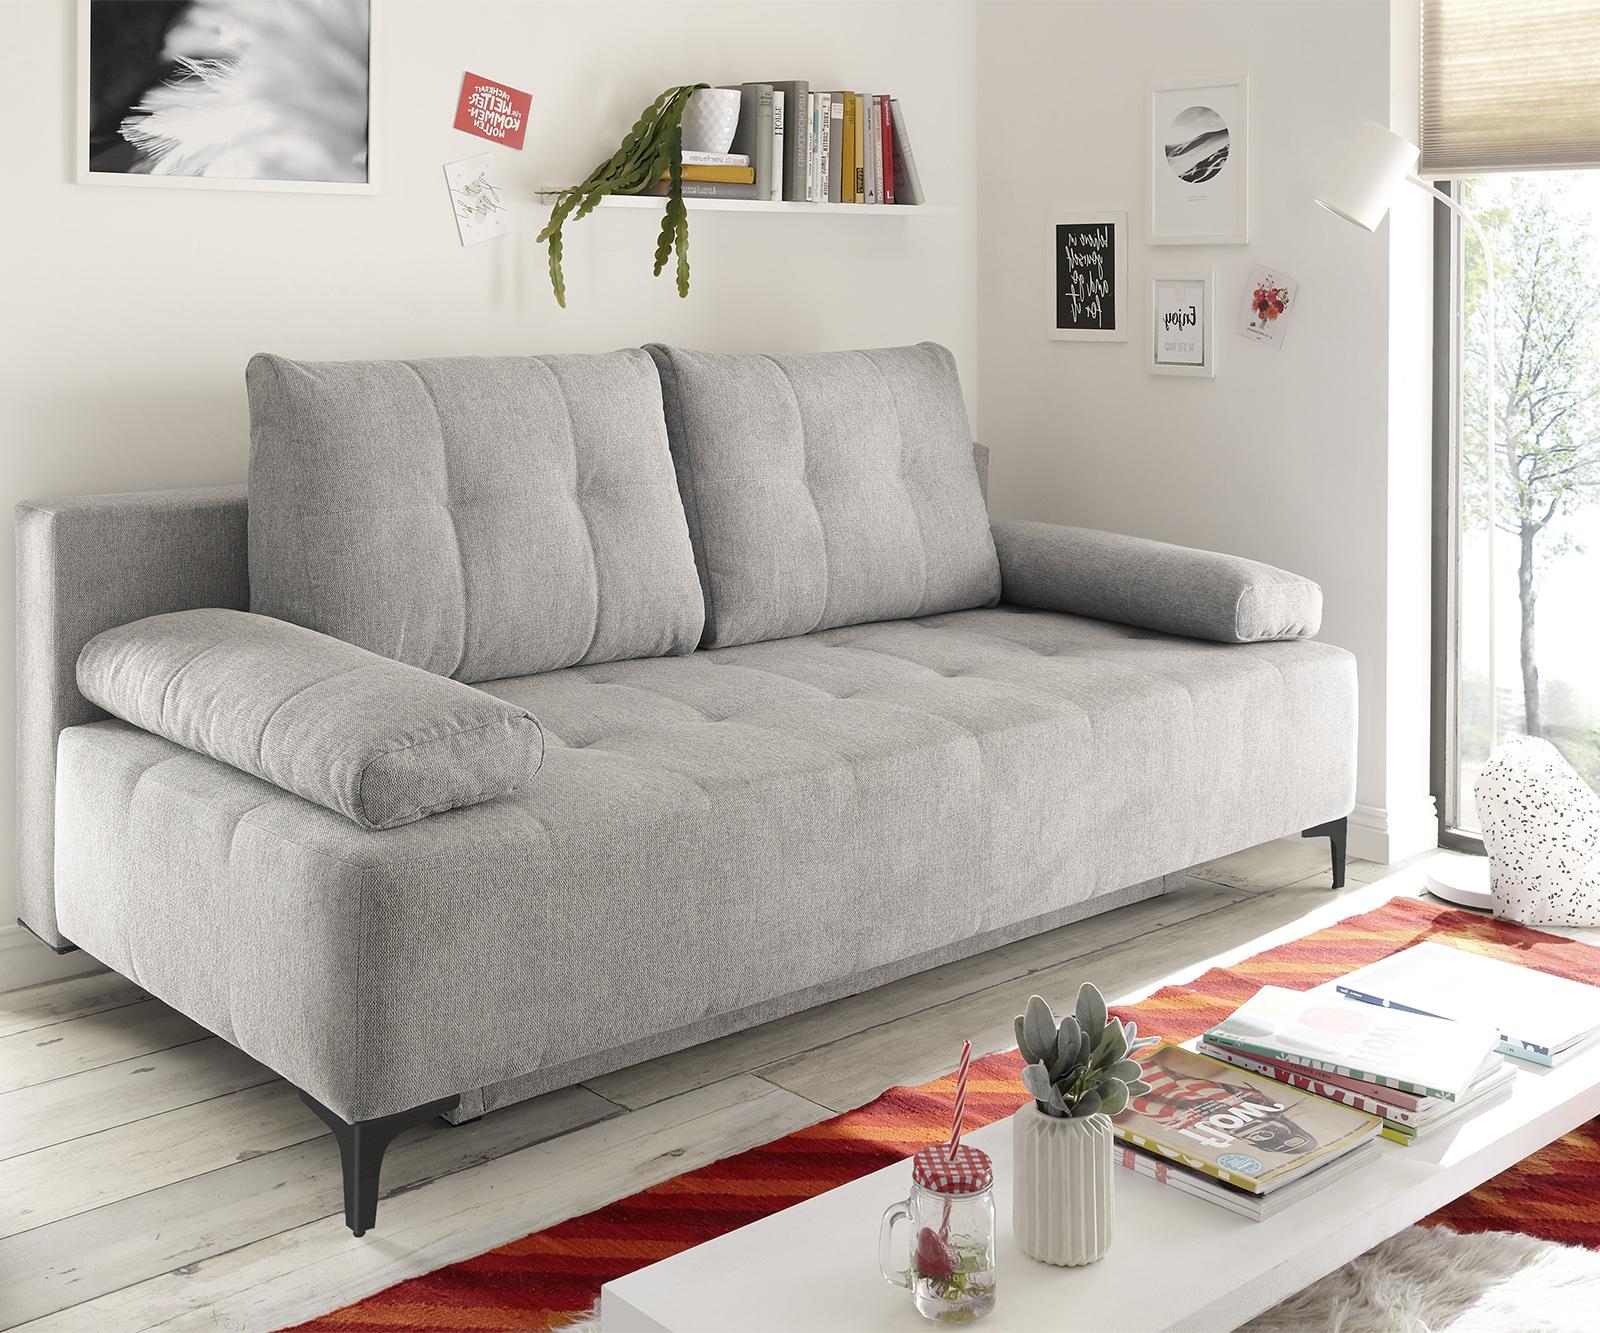 Schlafsofa Maiko 203x107 cm Silbergrau 3-Sitzer Bettkasten